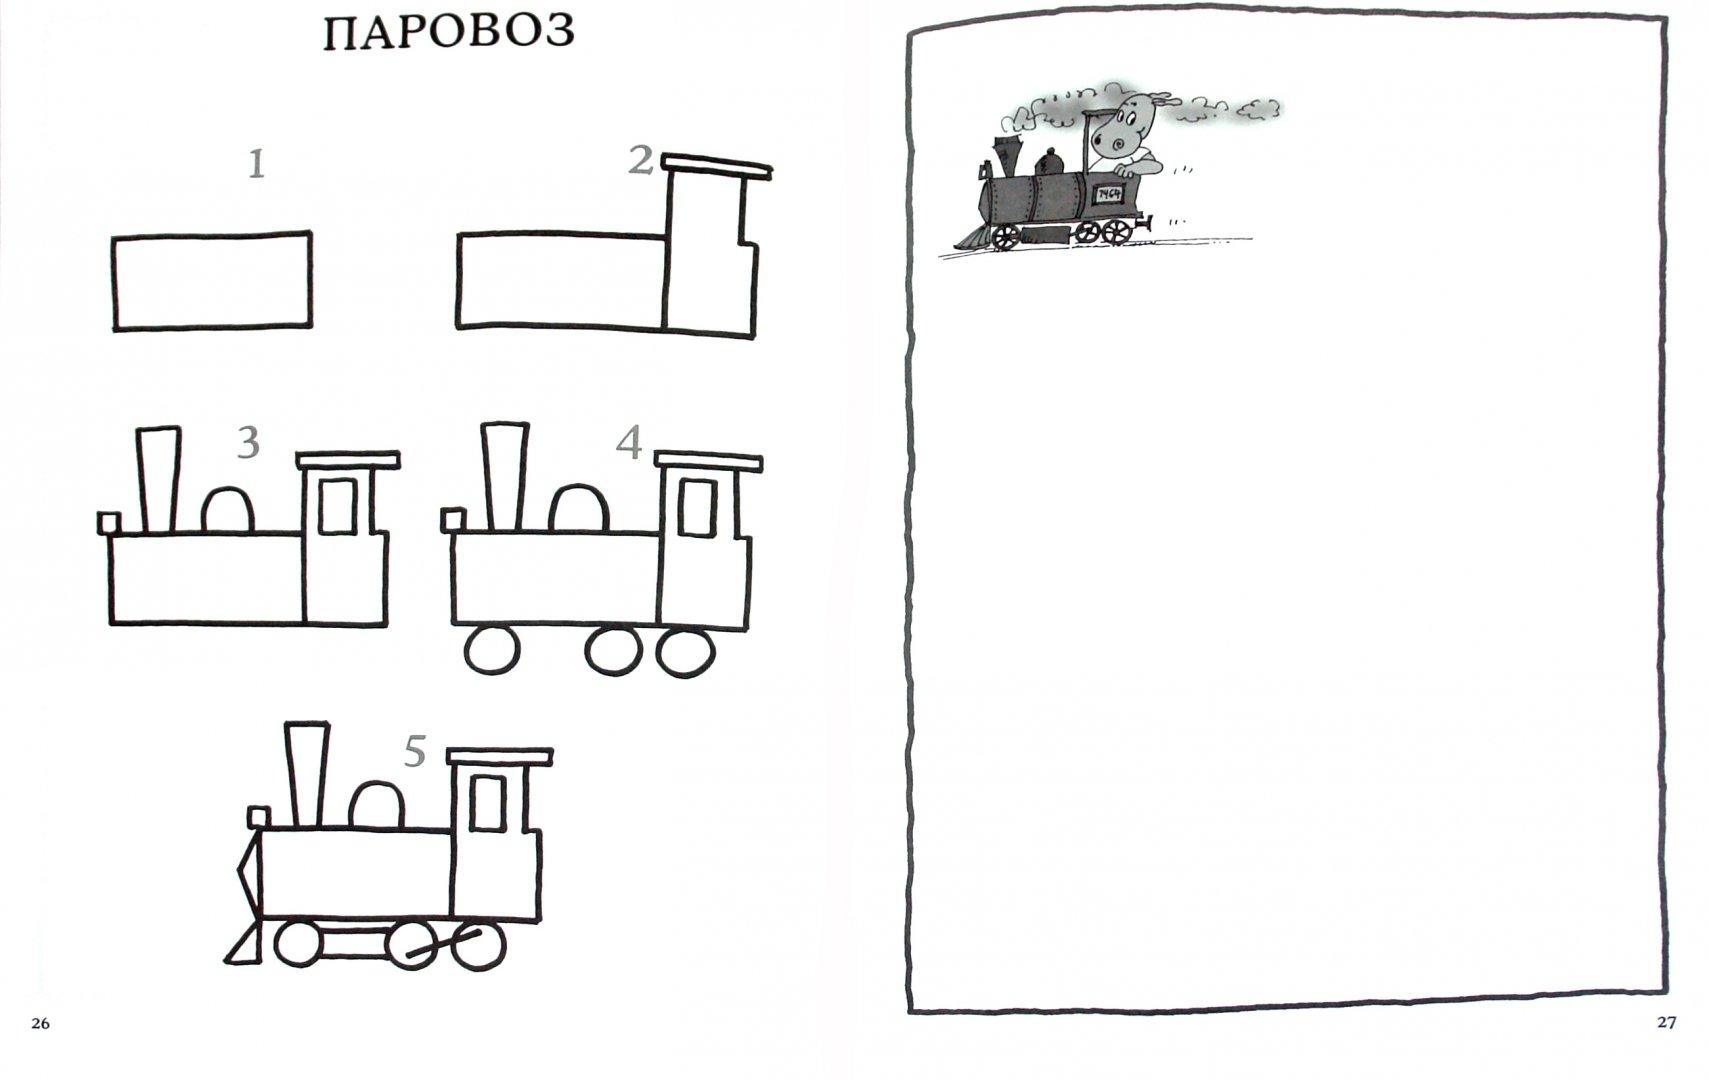 Иллюстрация 1 из 33 для Обучение рисованию. Рисуем шаг за шагом | Лабиринт - книги. Источник: Лабиринт